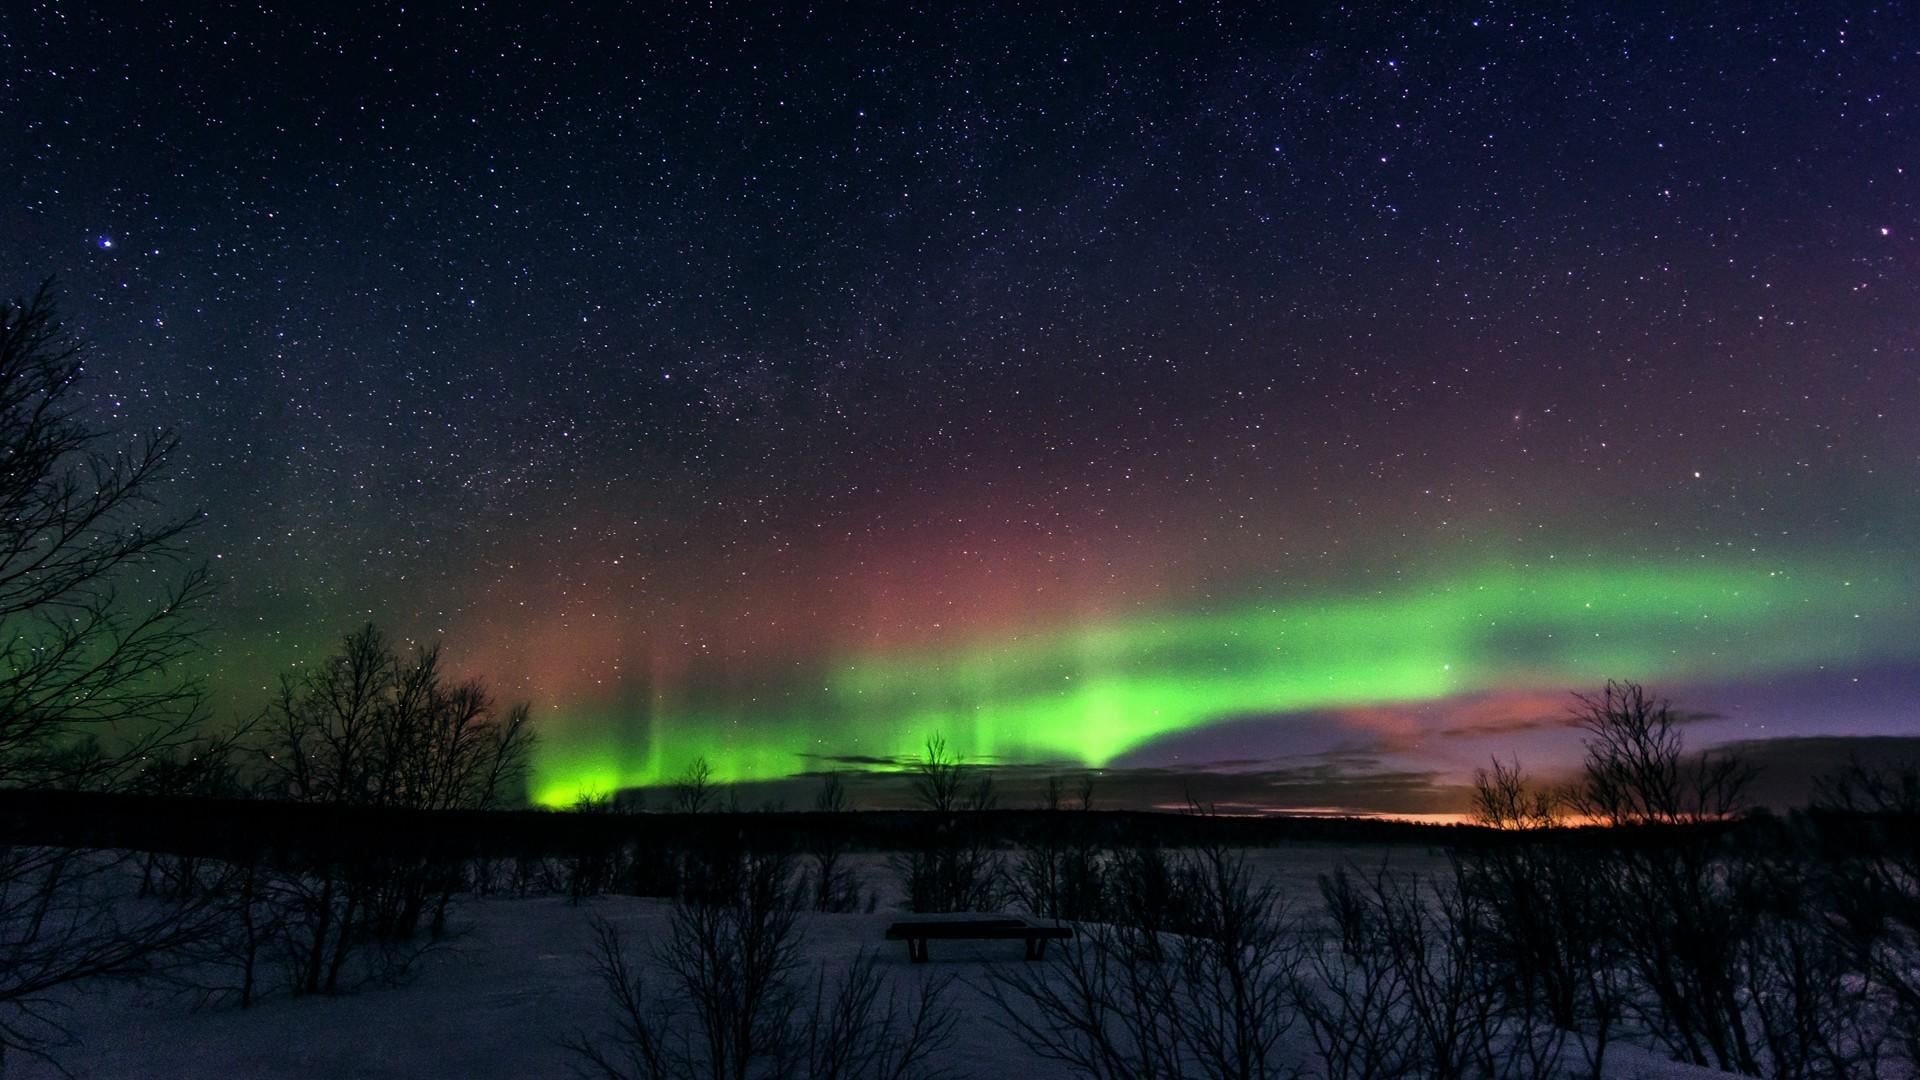 небо крайнего севера фото ночью спирс после предполагаемого